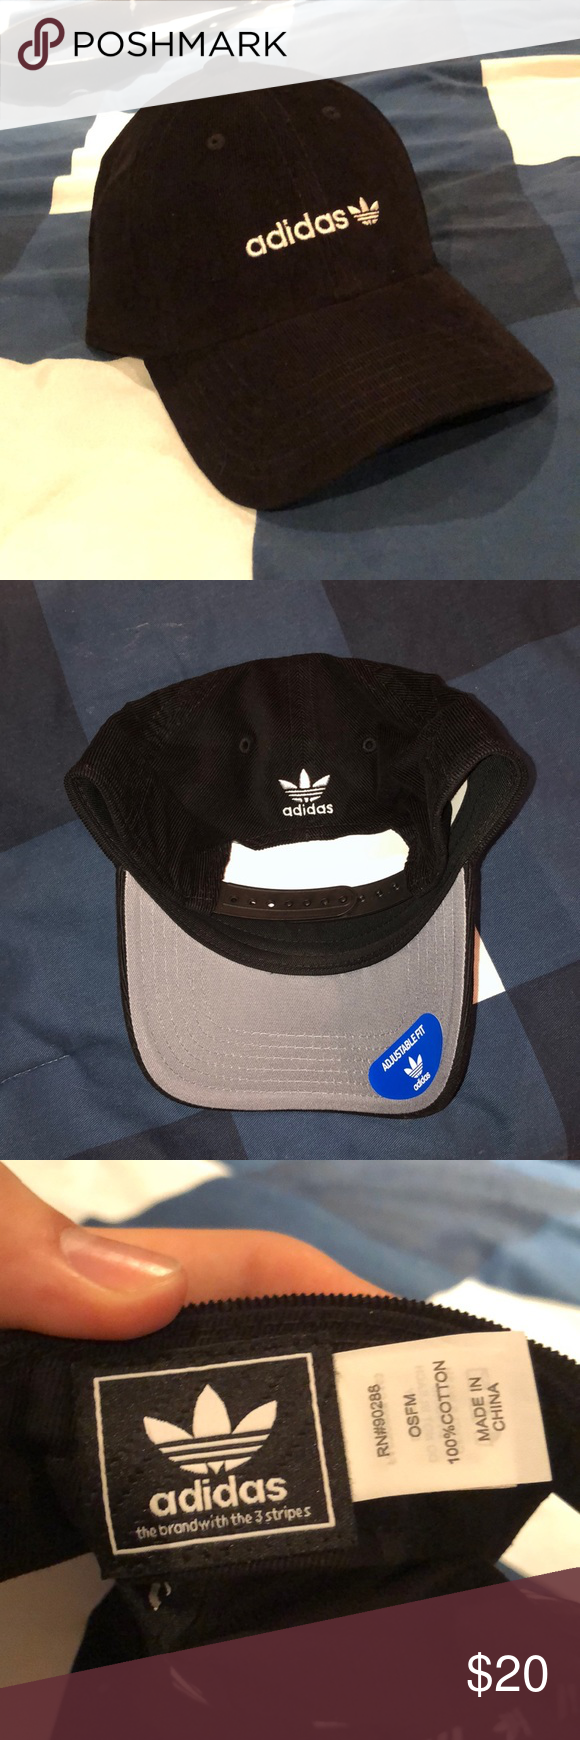 5743f5fa5e9 Adidas Originals Corduroy Hat Brand new never worn